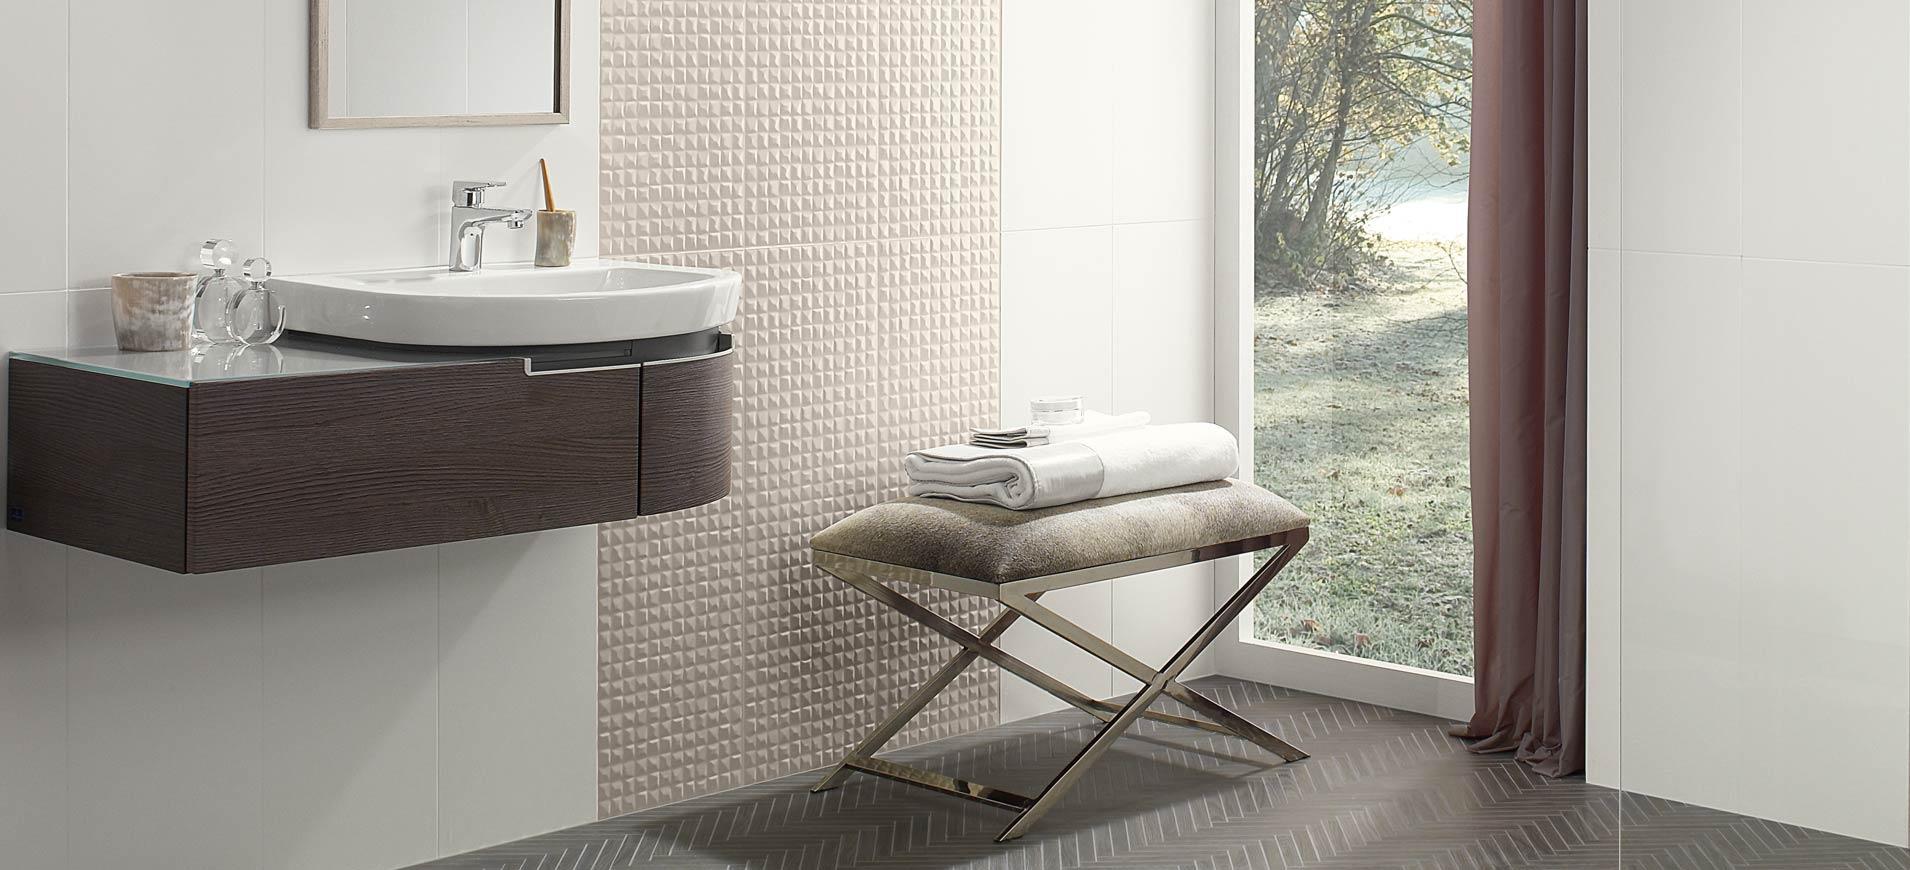 subway 2 0. Black Bedroom Furniture Sets. Home Design Ideas